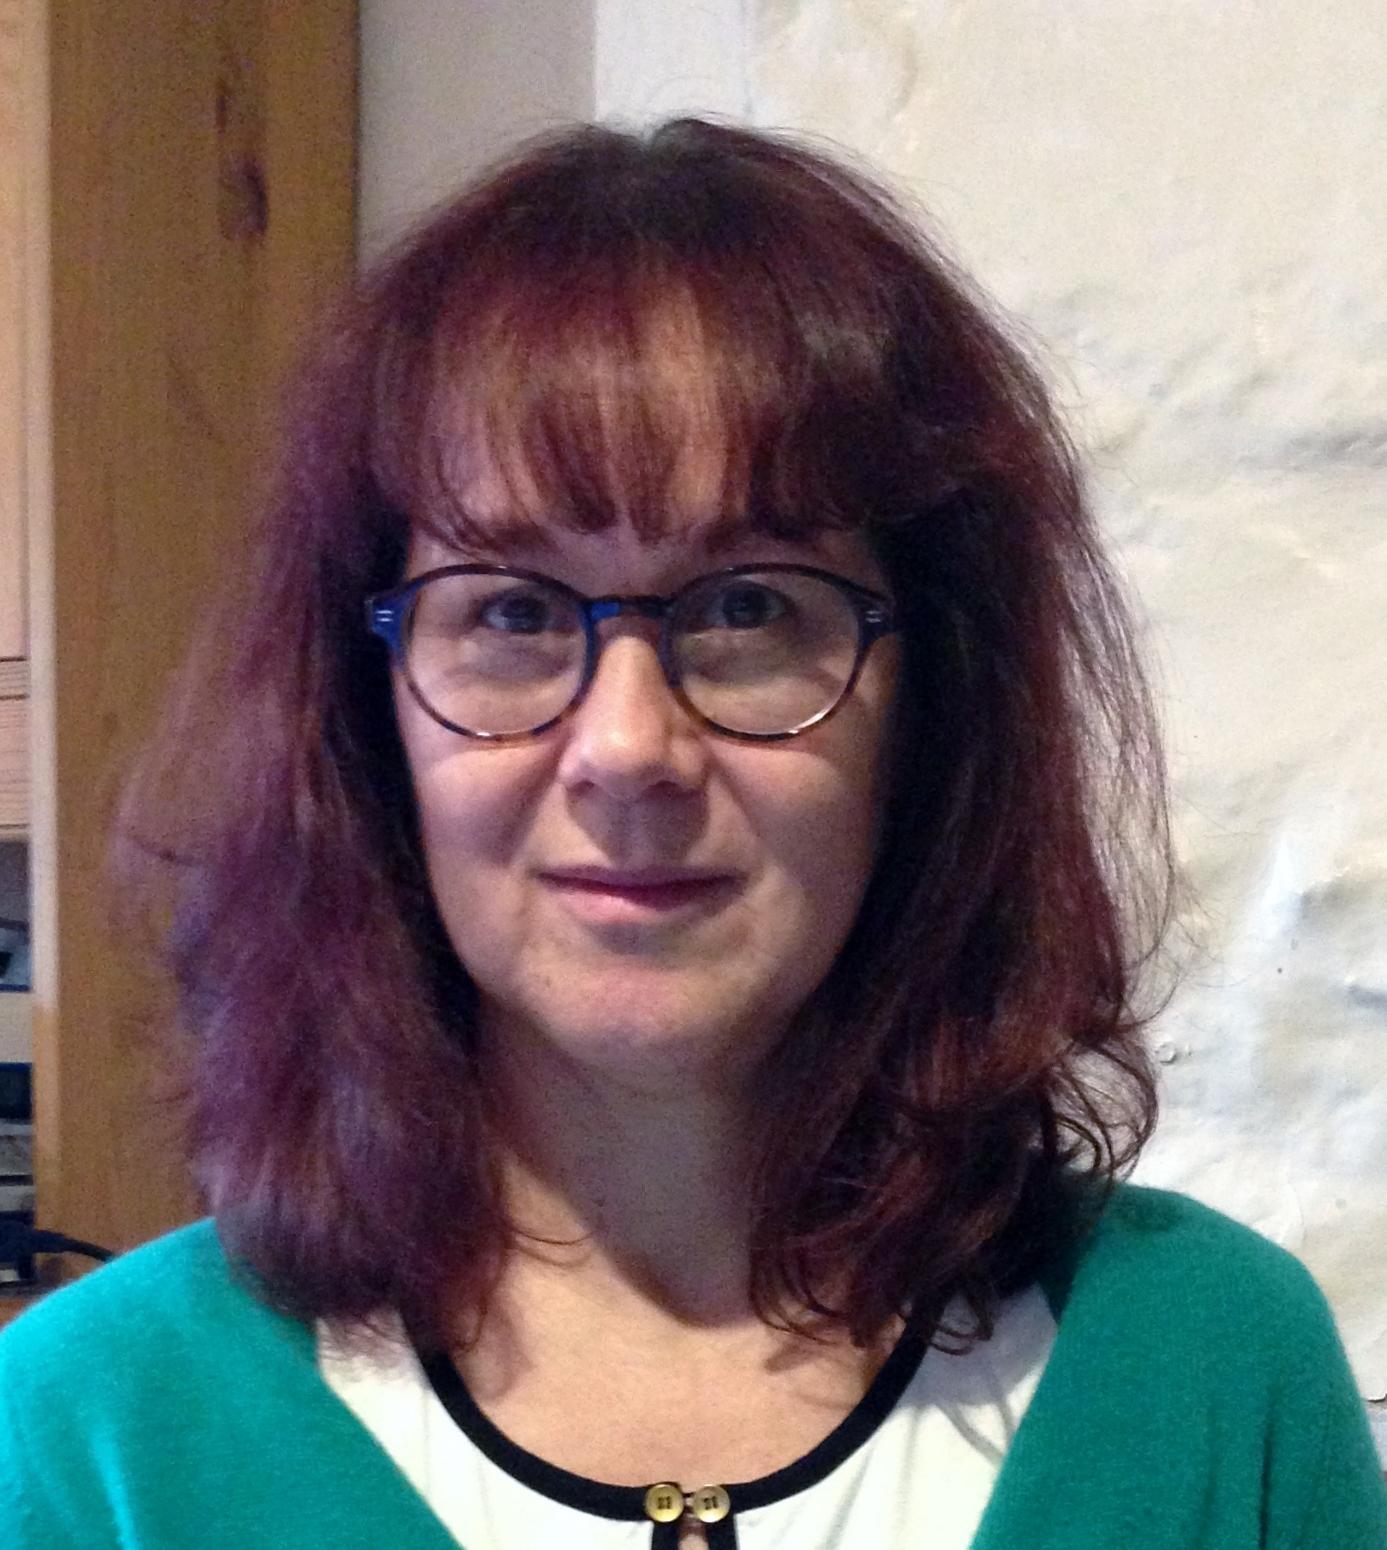 Dr Stephanie Rose Pratt